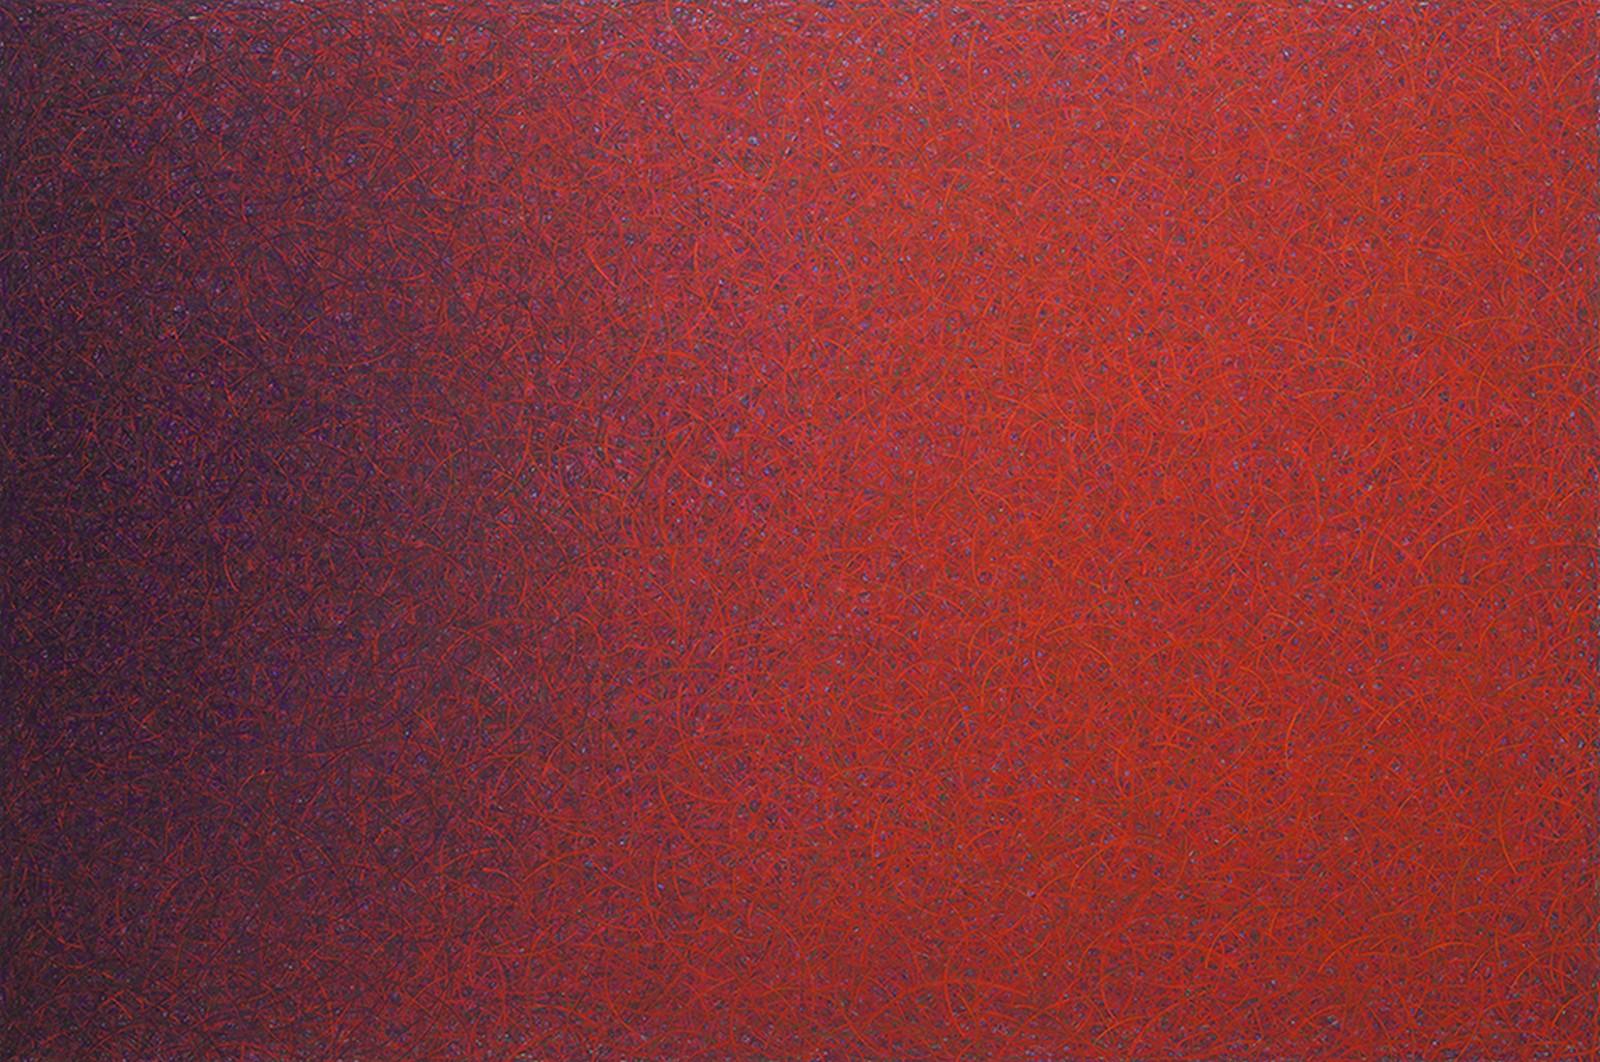 Luca Macauda, Untitled, 2014, pastello morbido su tela, cm 136x204